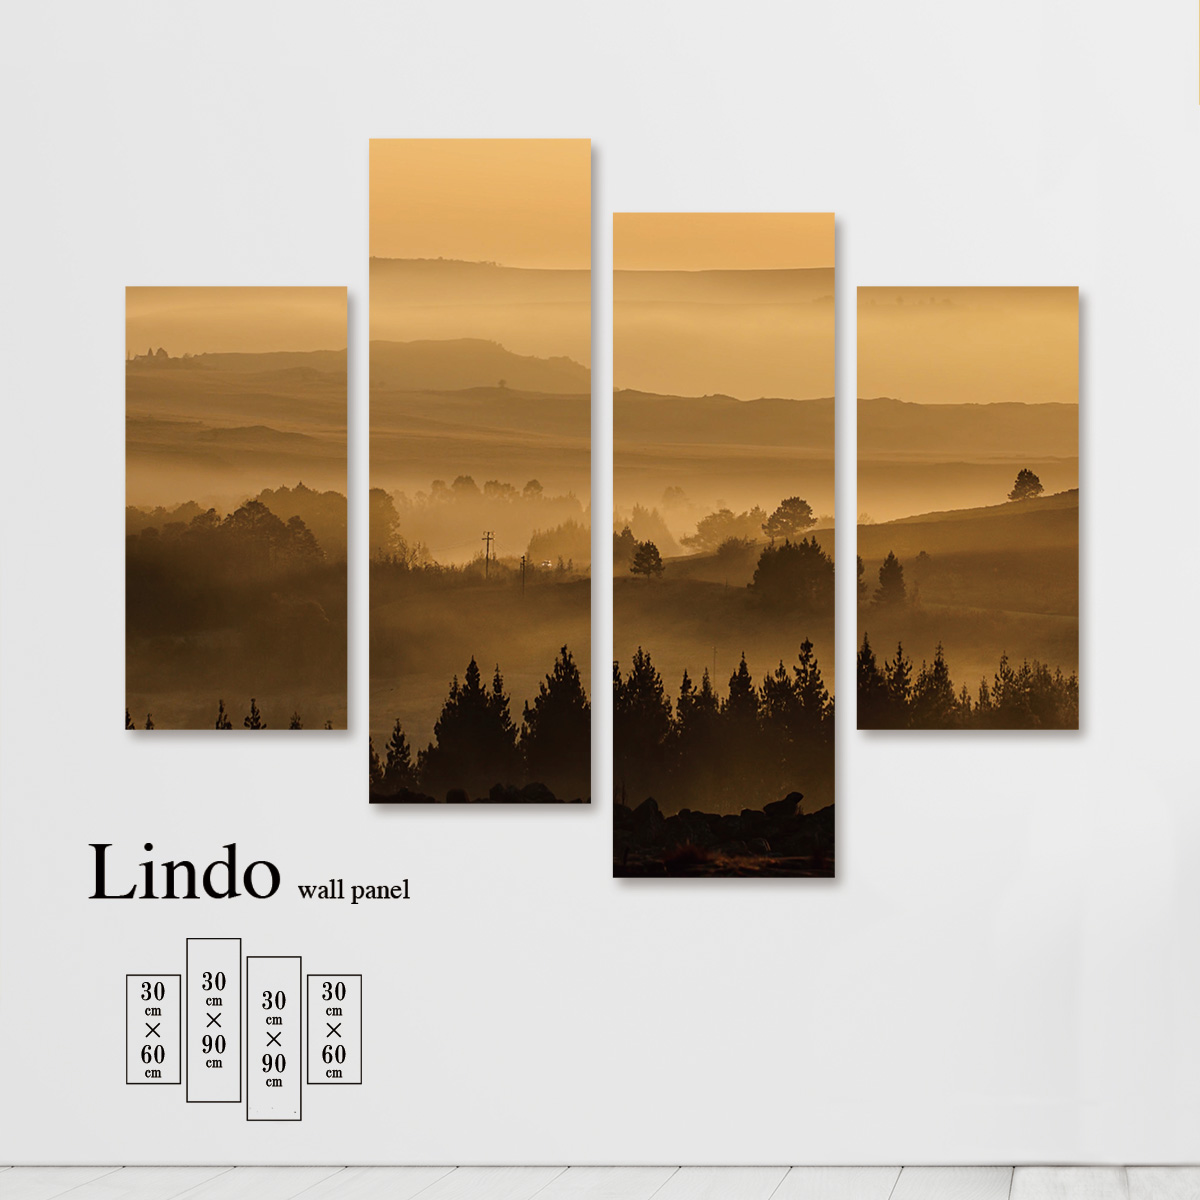 ファブリックパネル 風景 景色 写真 自然 環境 夕暮れ 森 壁掛け 北欧 お洒落 デザイン アート 壁飾り アートボード 4枚パネル